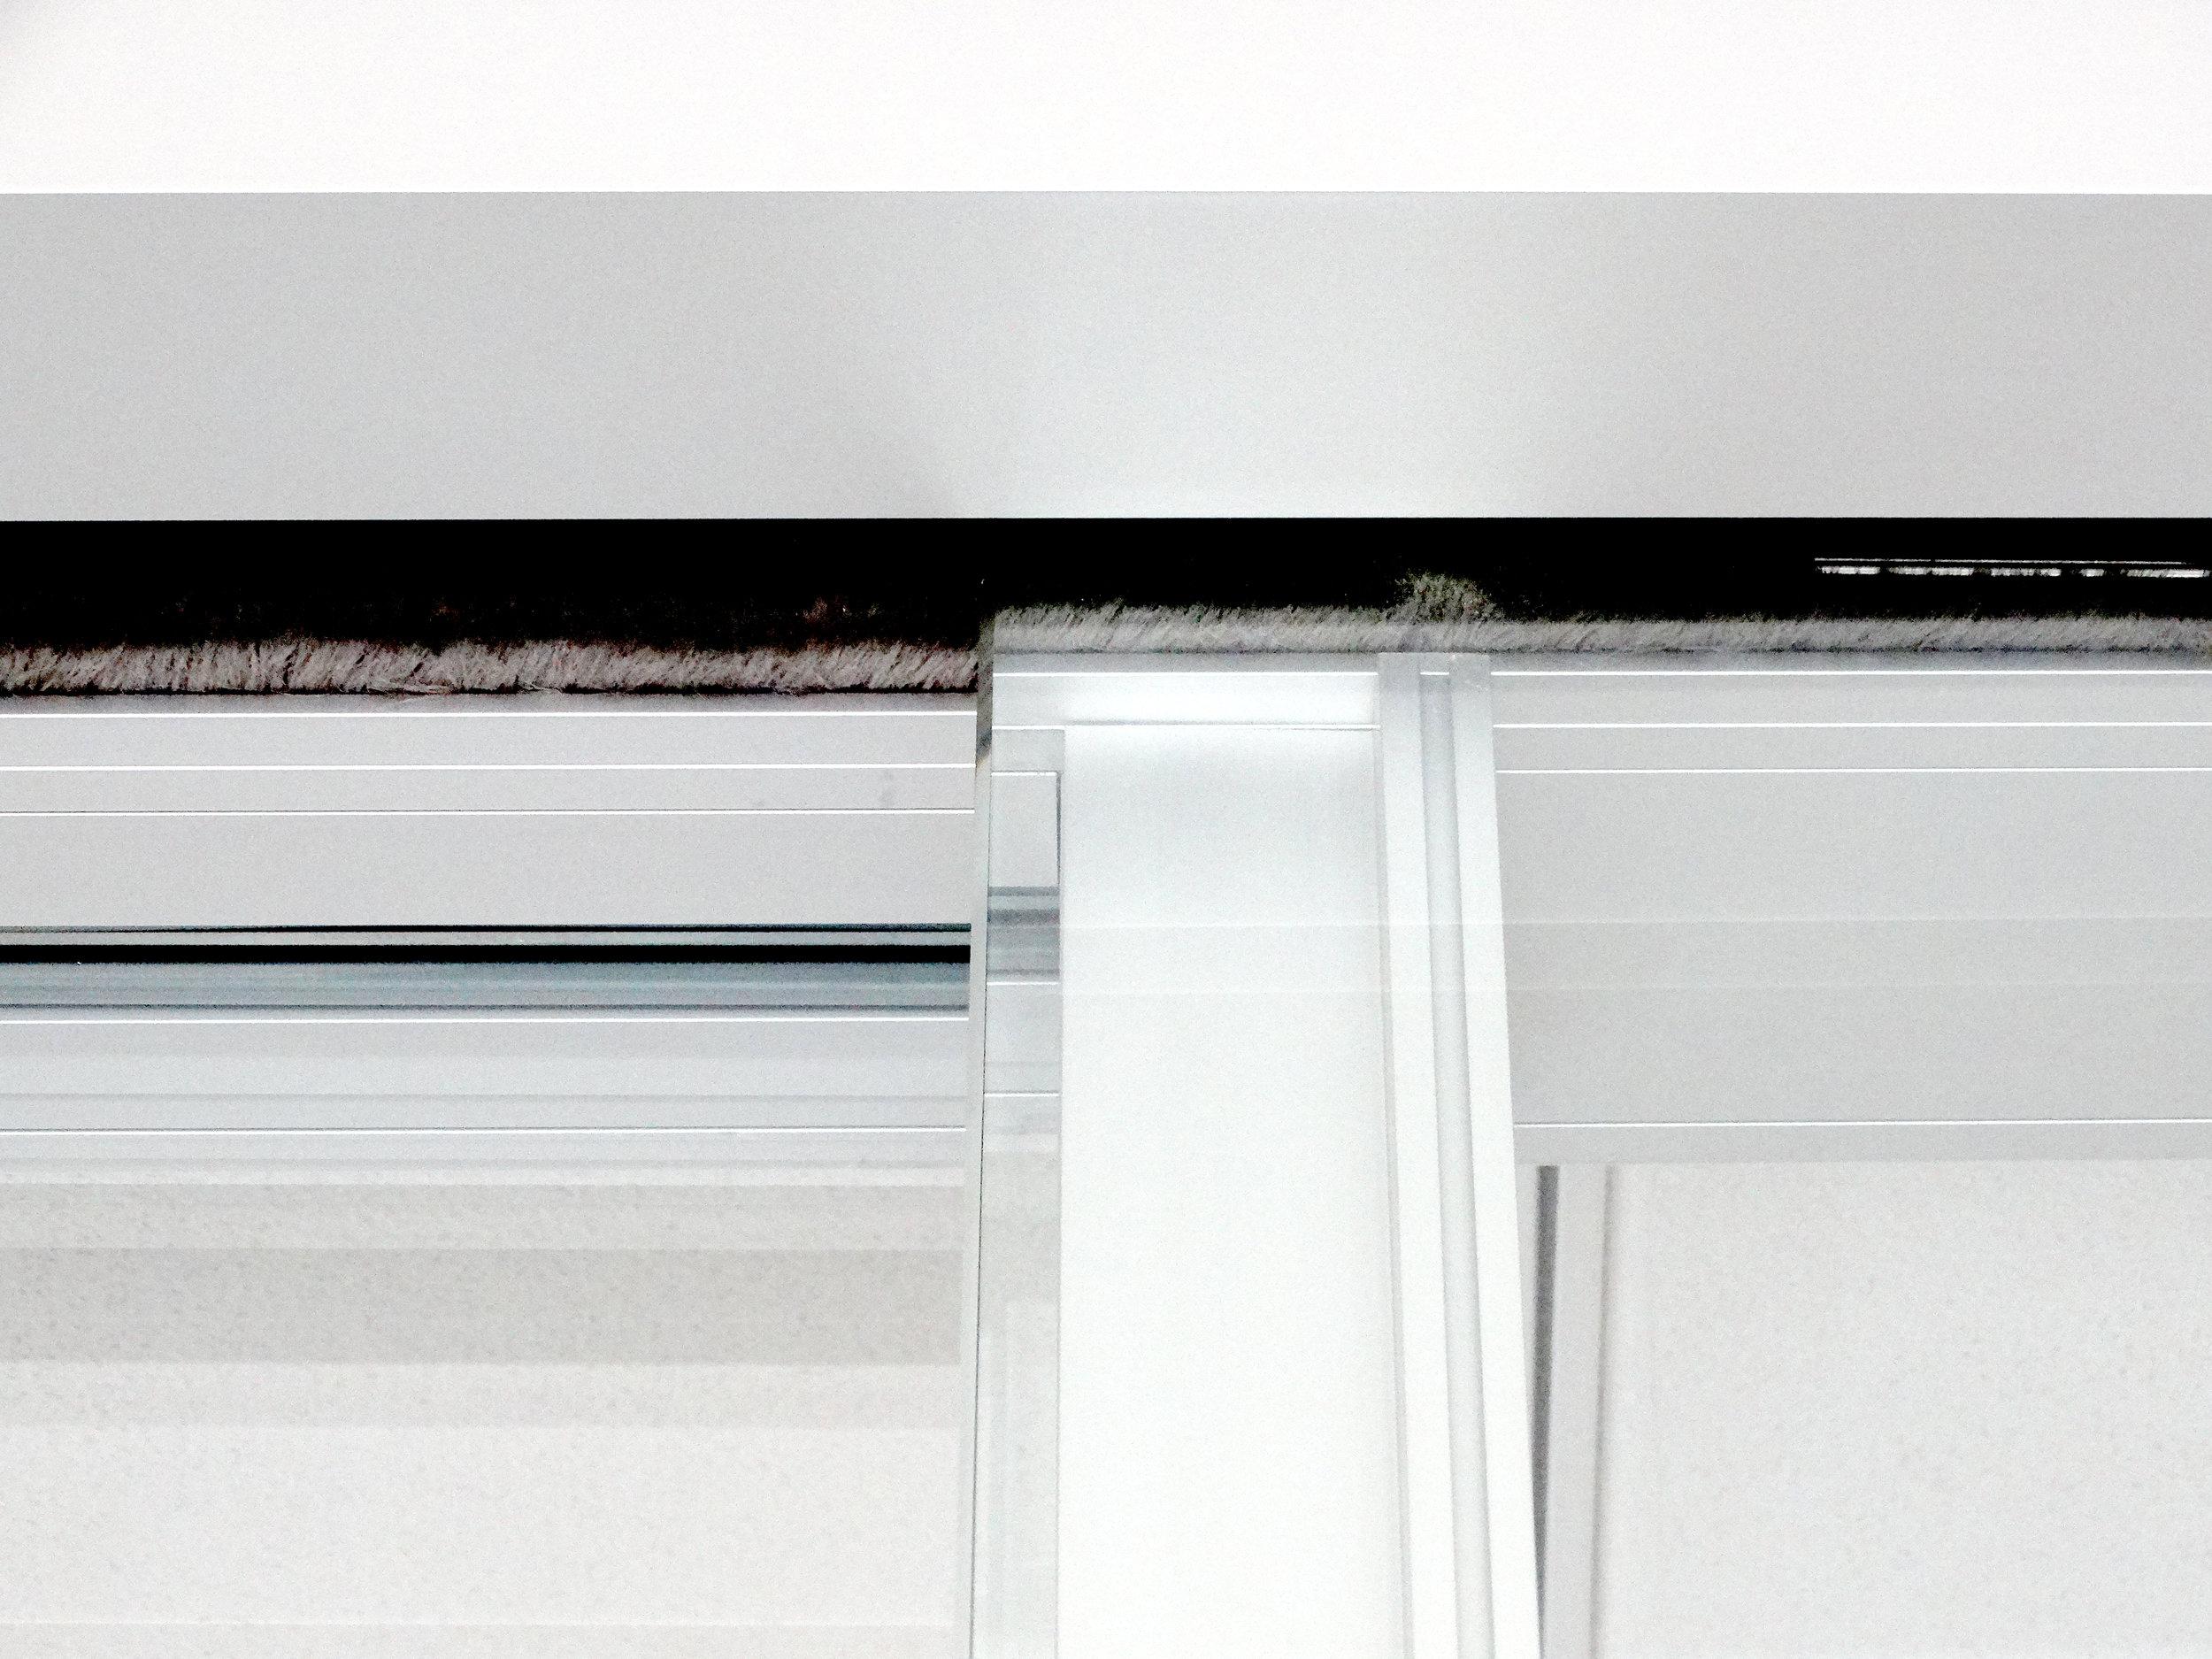 Litespace Frameless Glass Sliding Door Head Track - Spaceworks AI.jpg